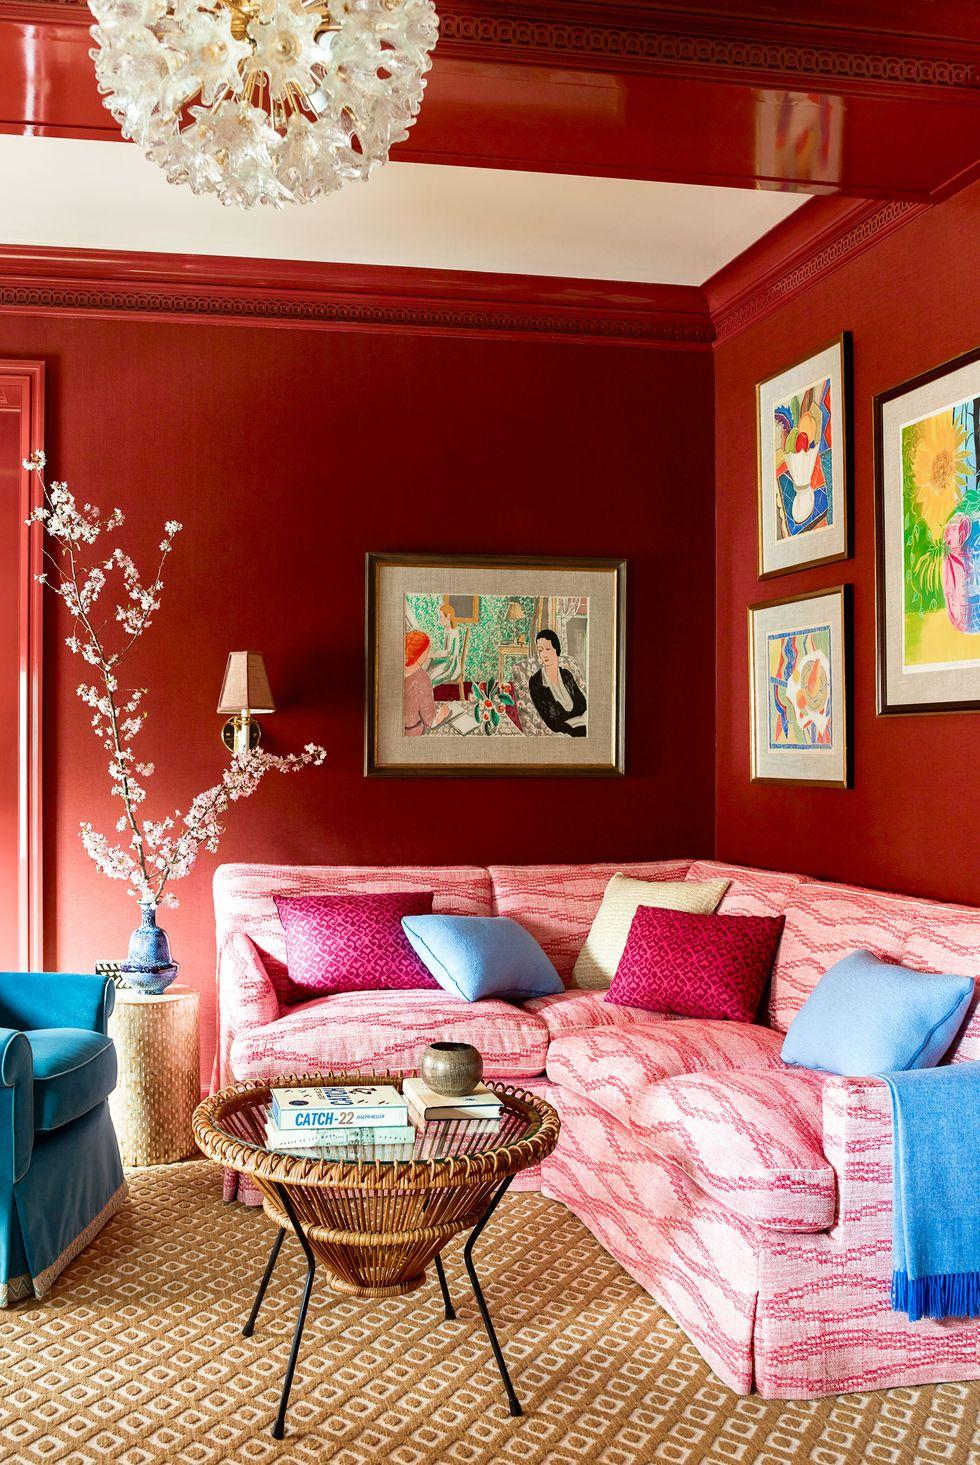 hinh ảnh phòng khách nhỏ ấn tượng với tường sơn màu đỏ bóng, giúp làm nổi bật các tác phẩm nghệ thuật treo tường